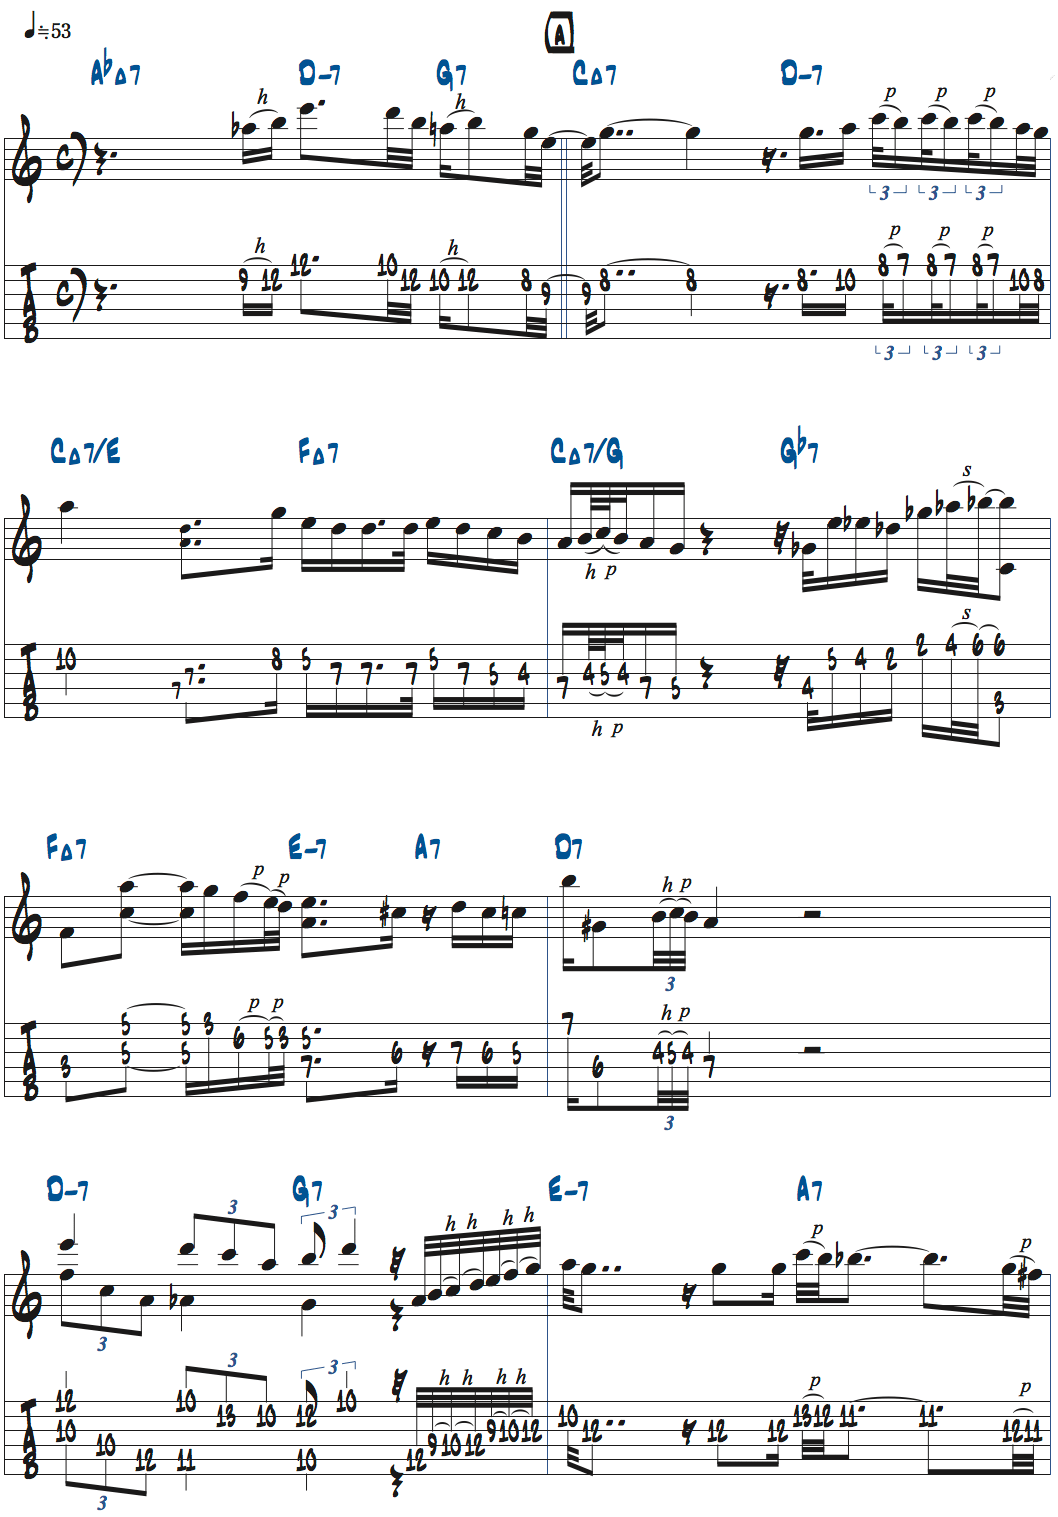 ギラッド・ヘクセルマンのSkylarkアドリブ・1コーラス目楽譜ページ1